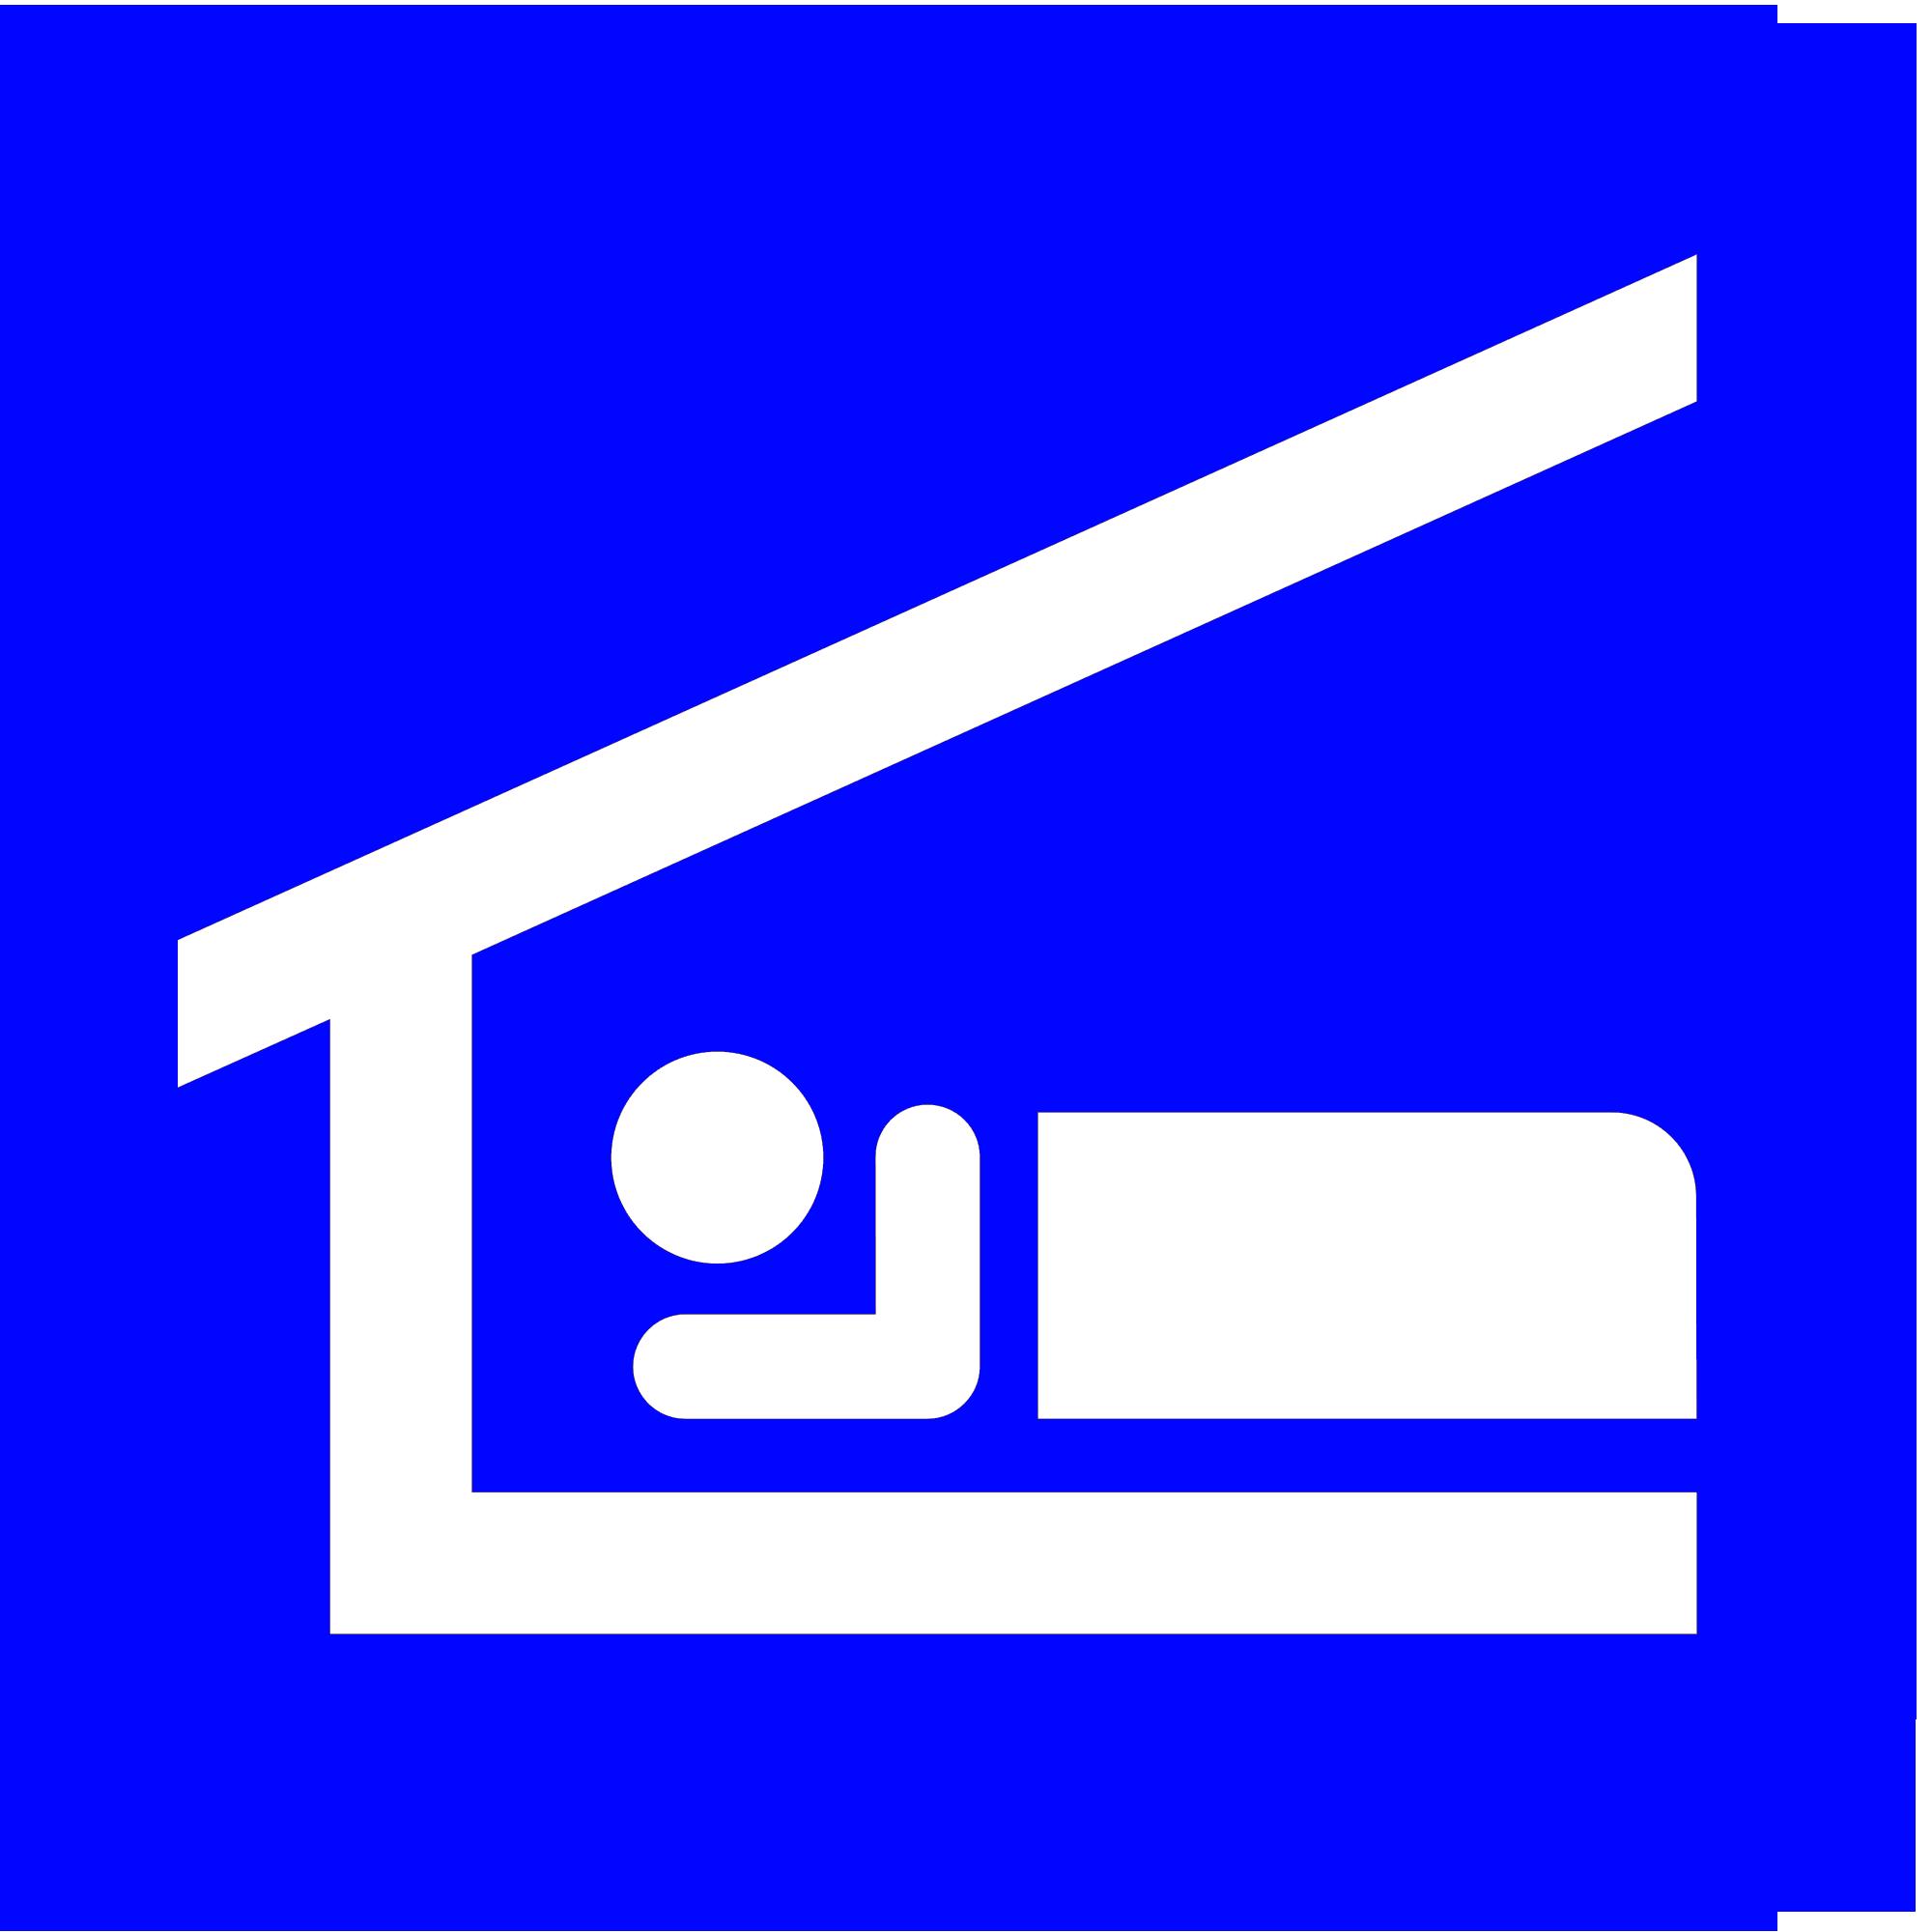 Piktogramm-bett-blau.png